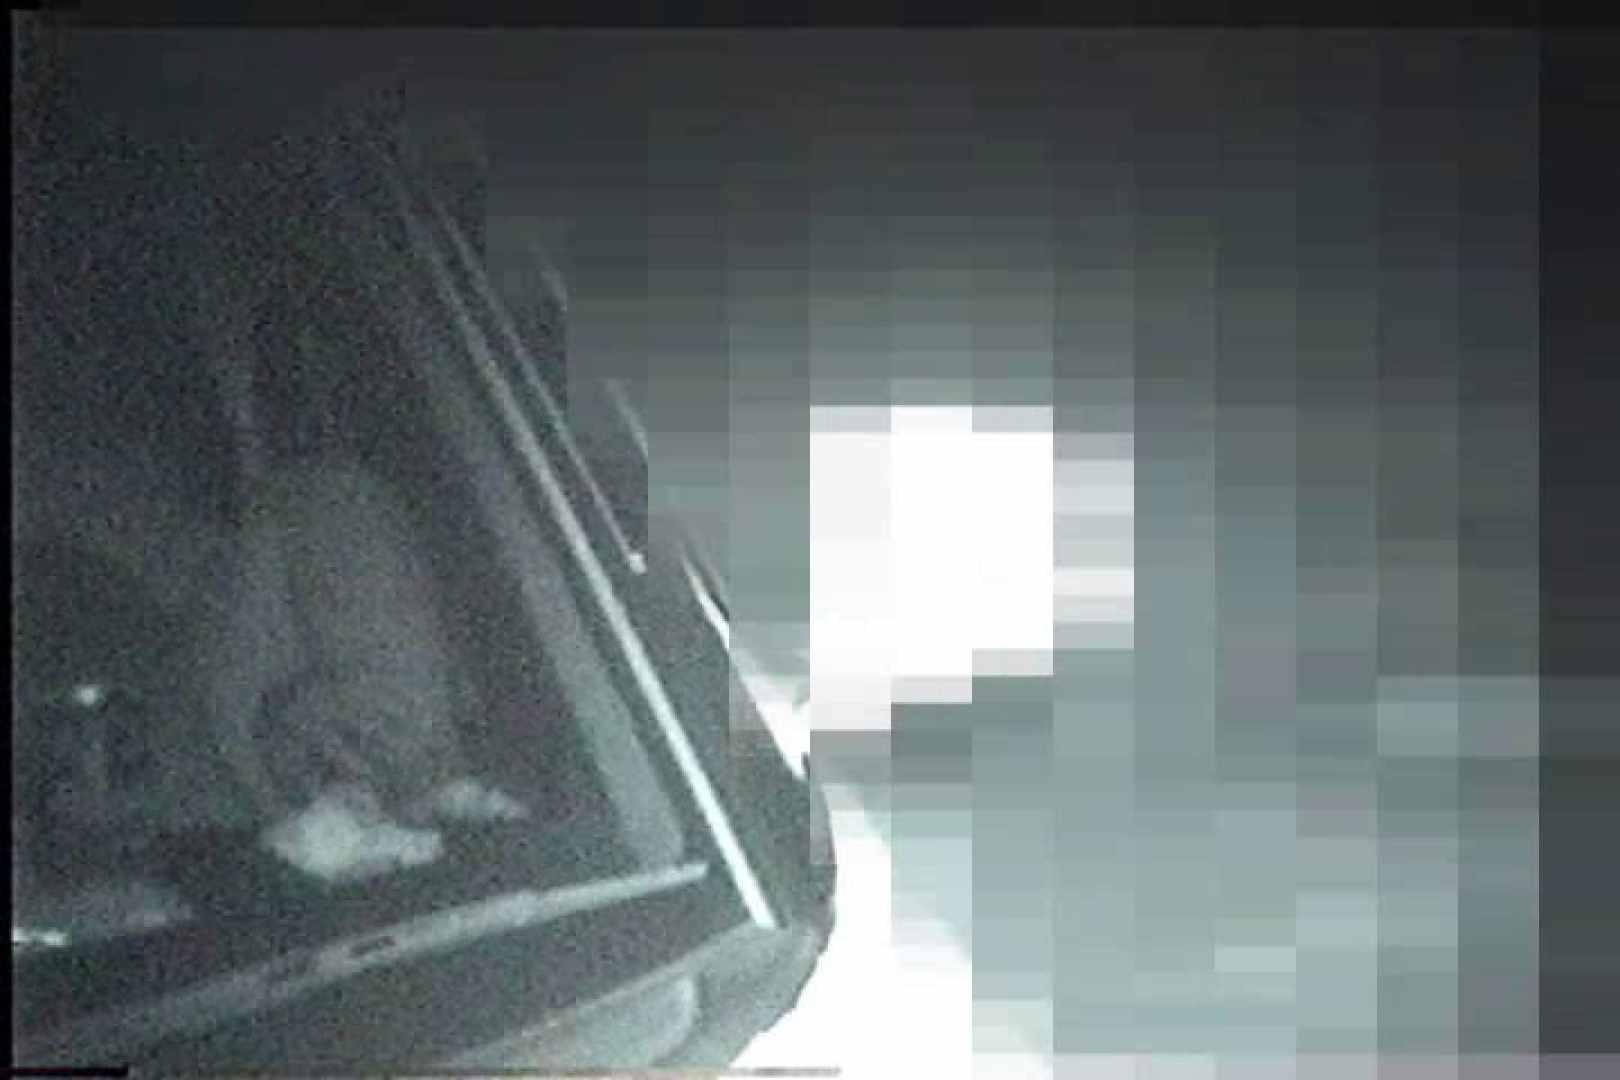 充血監督の深夜の運動会Vol.199 OLの実態 盗撮エロ画像 80pic 59